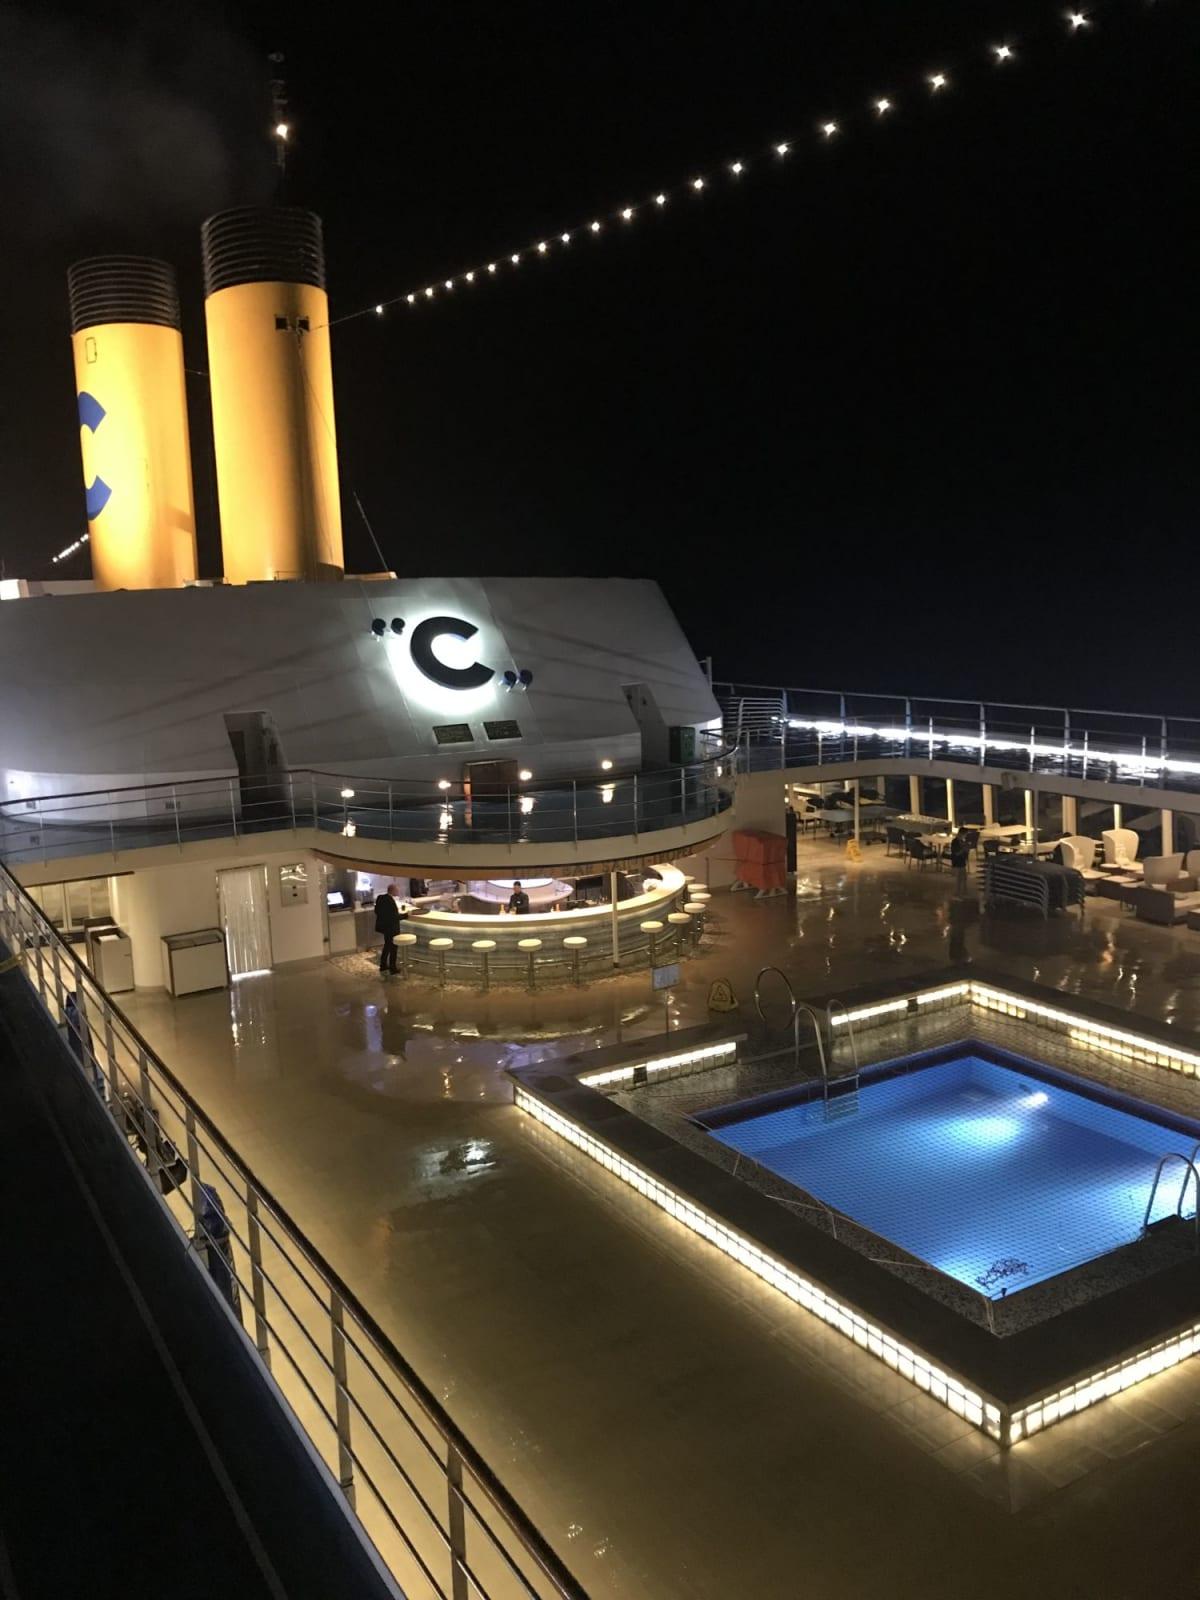 客船コスタ・ネオロマンチカの外観、船内施設